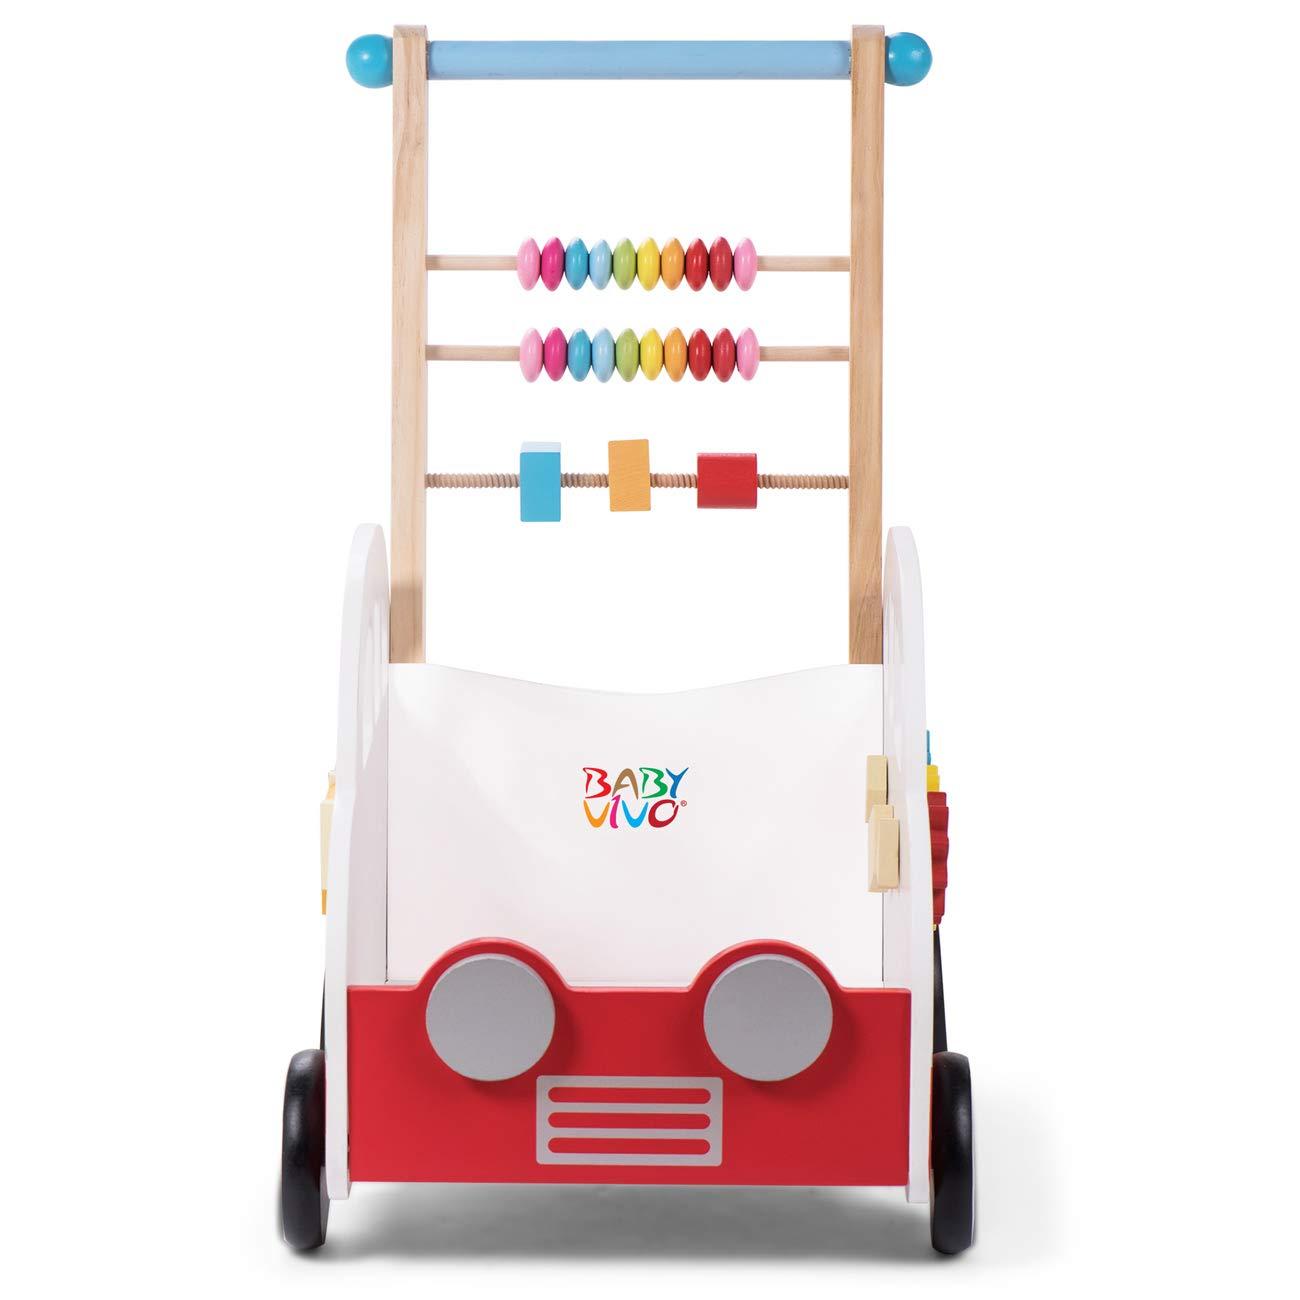 Baby Vivo Andador para Beb/é Carrito de Primer Andador Correpasillo Educativo Actividad Juguete de Madera Henry